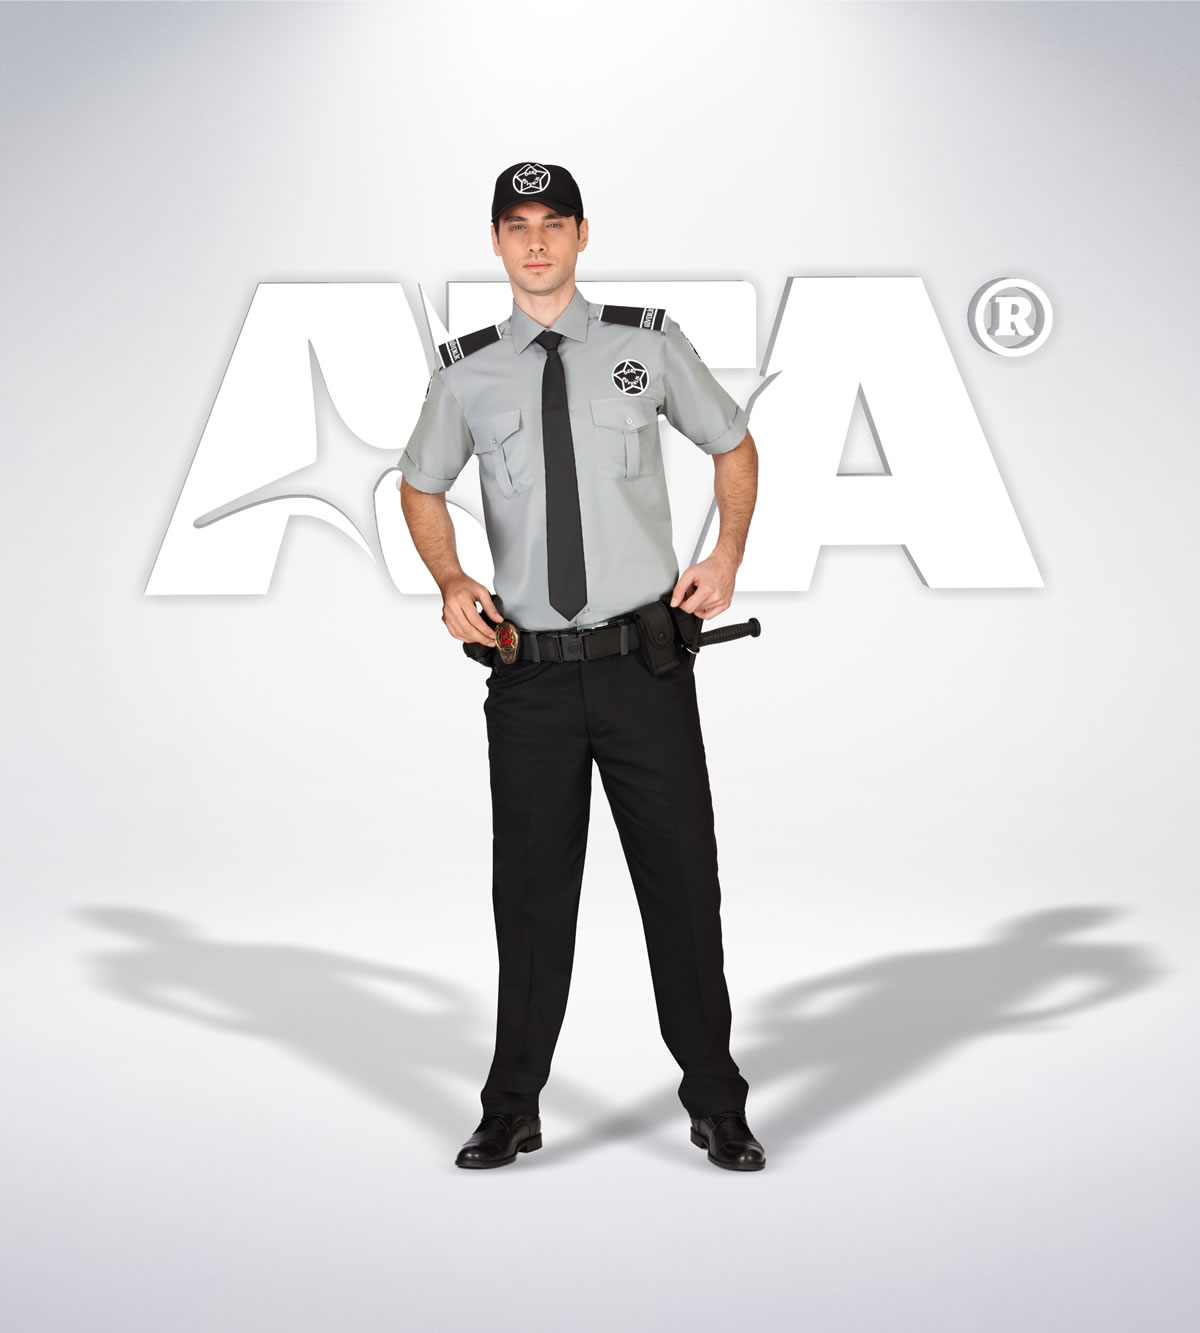 ATA 116 - Pantolon yazlık - gömlek yazlık-kışlık - aksesuar - güvenlik elbiseleri | güvenlik üniformaları | güvenlik kıyafetleri